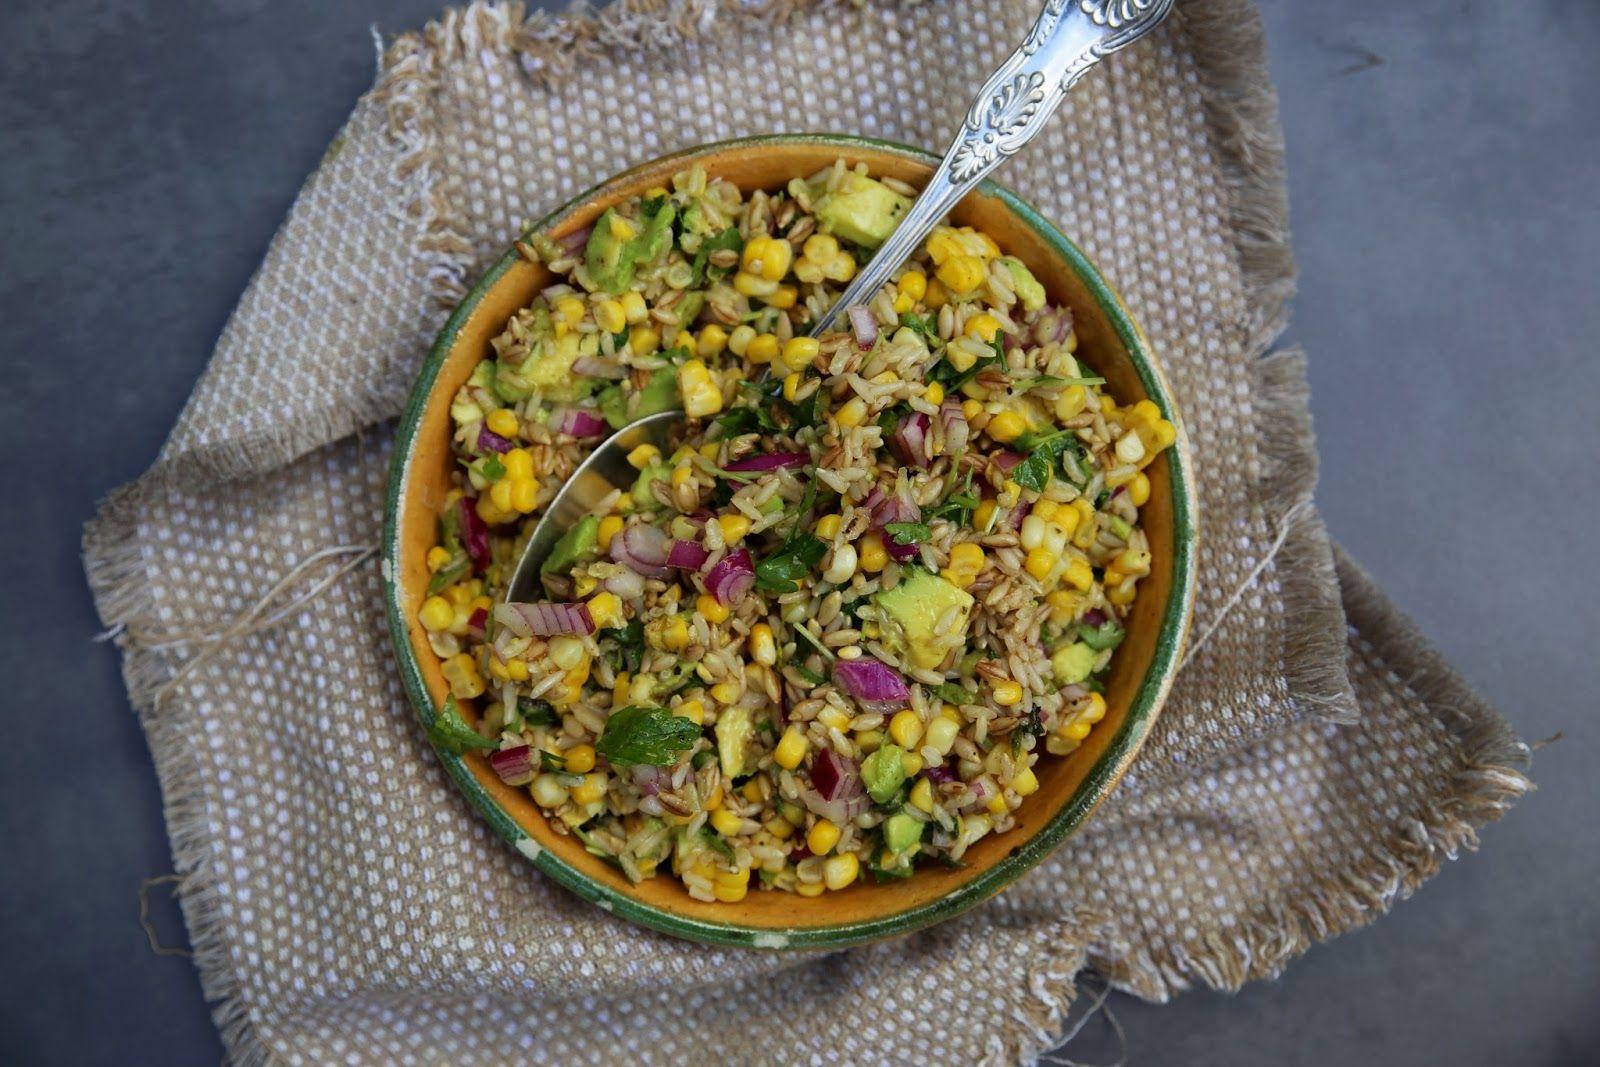 Barley, Corn, and Avocado Salad